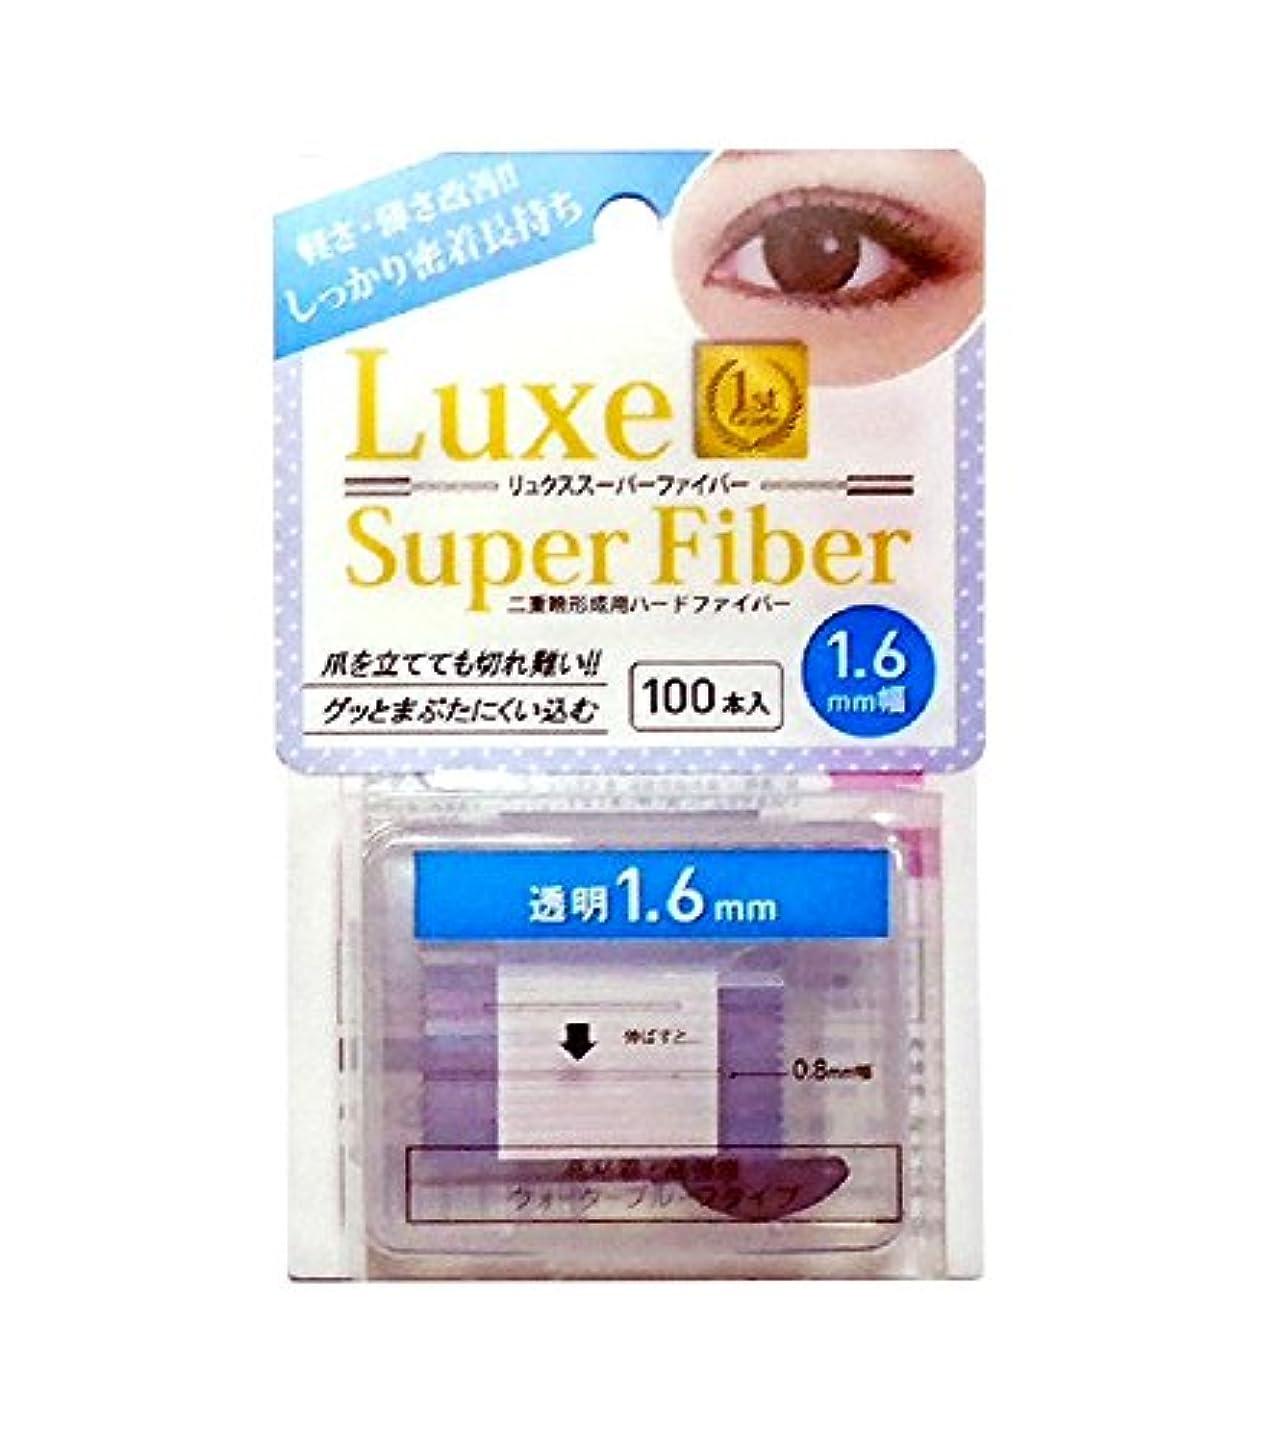 暗唱する皮肉な入手しますLuxe(リュクス) スーパーファイバーII 透明 クリア 1.6mm 100本入り